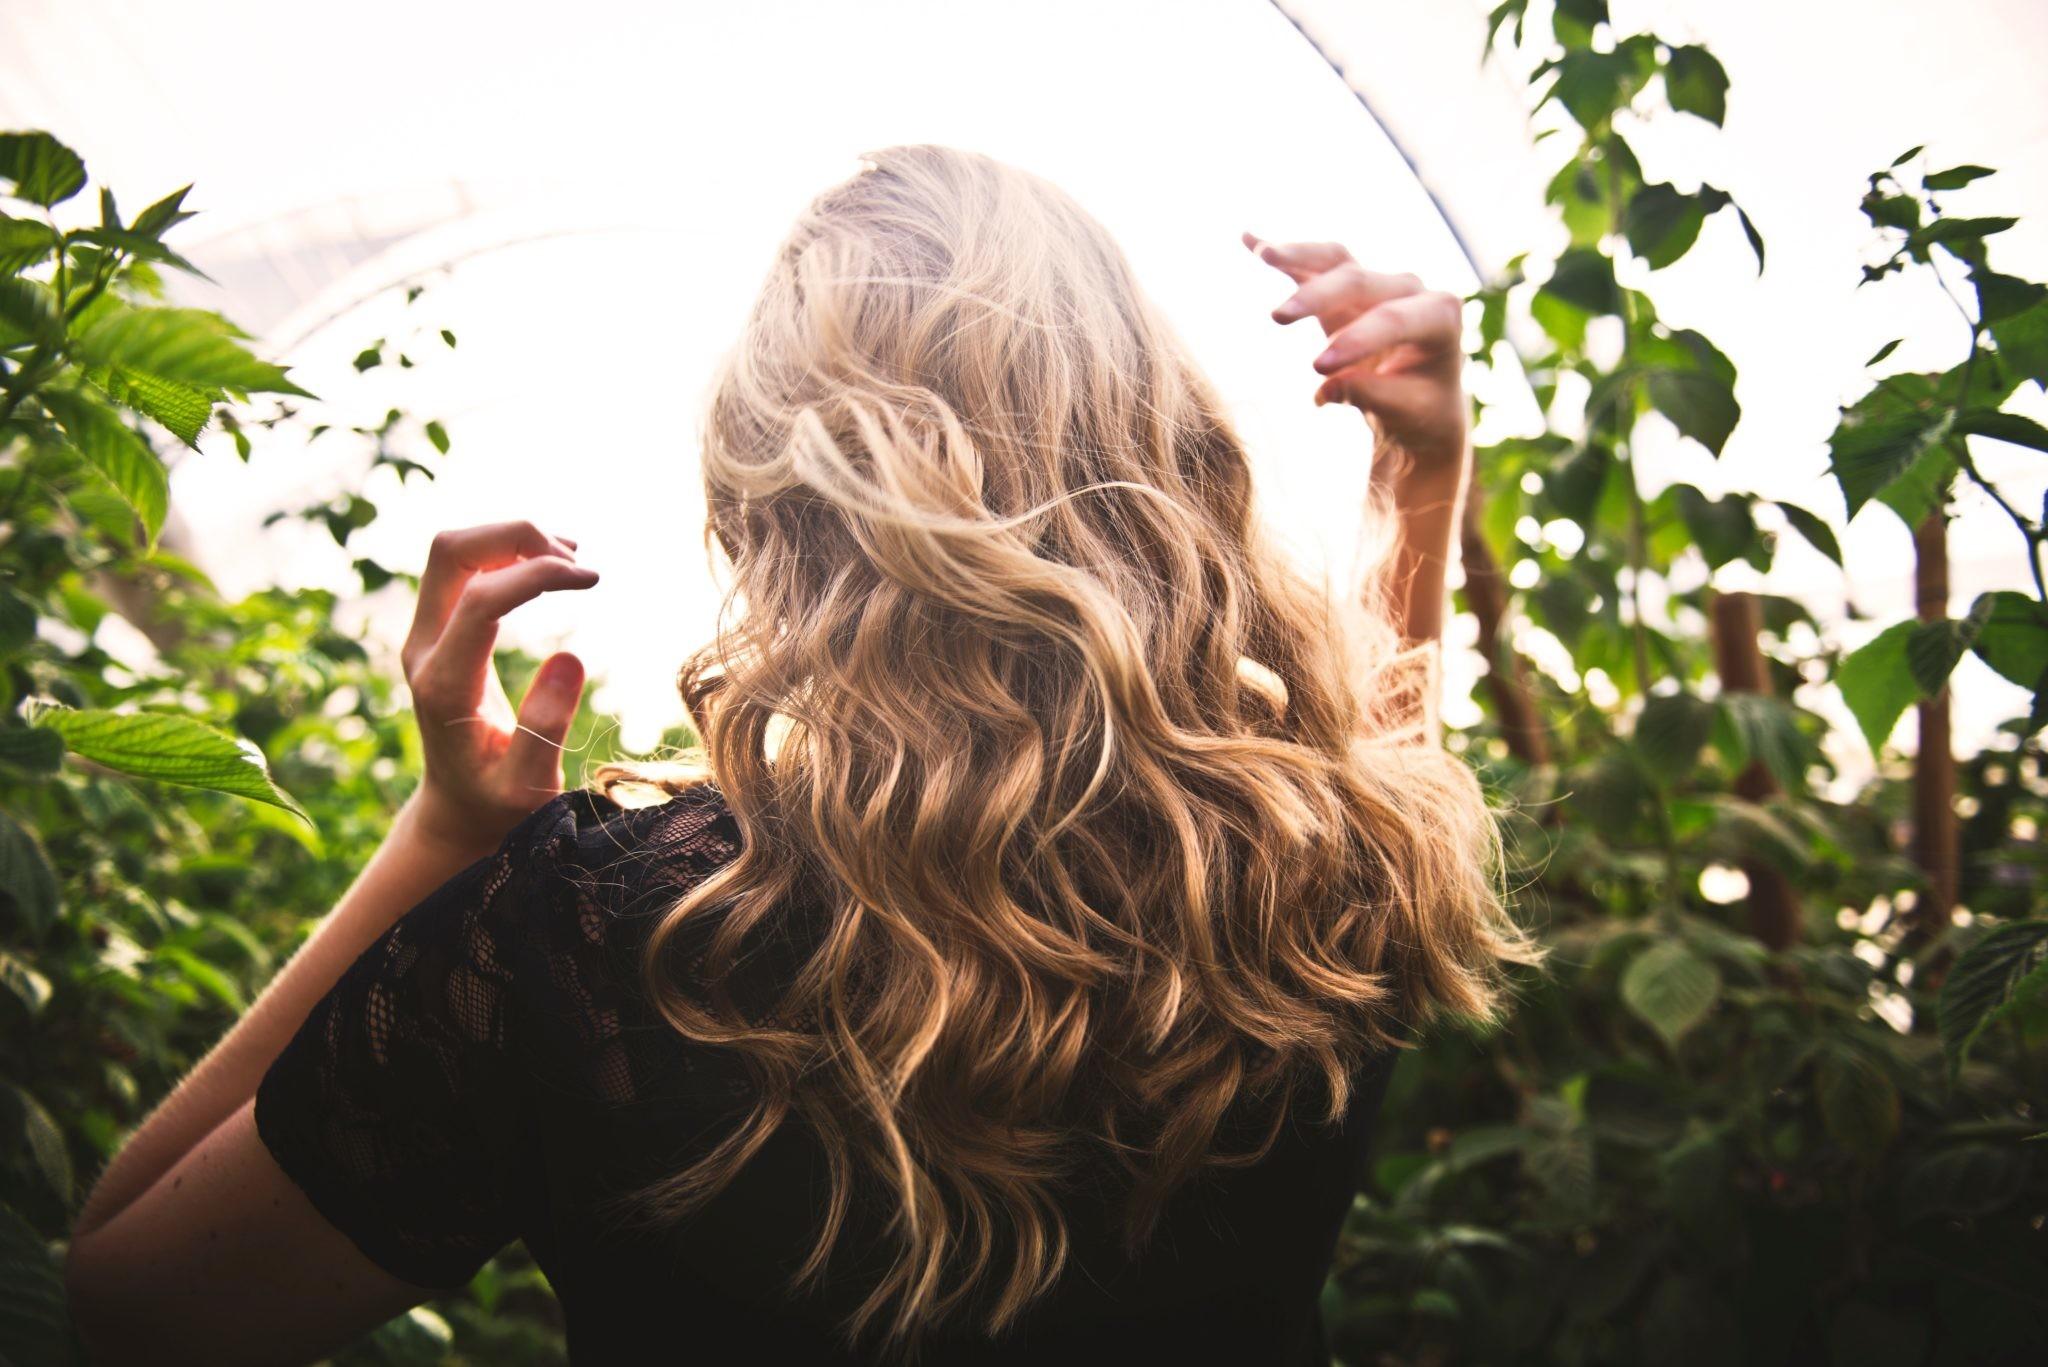 Вопрос косметологу: можно ли предотвратить сезонное выпадение волос?